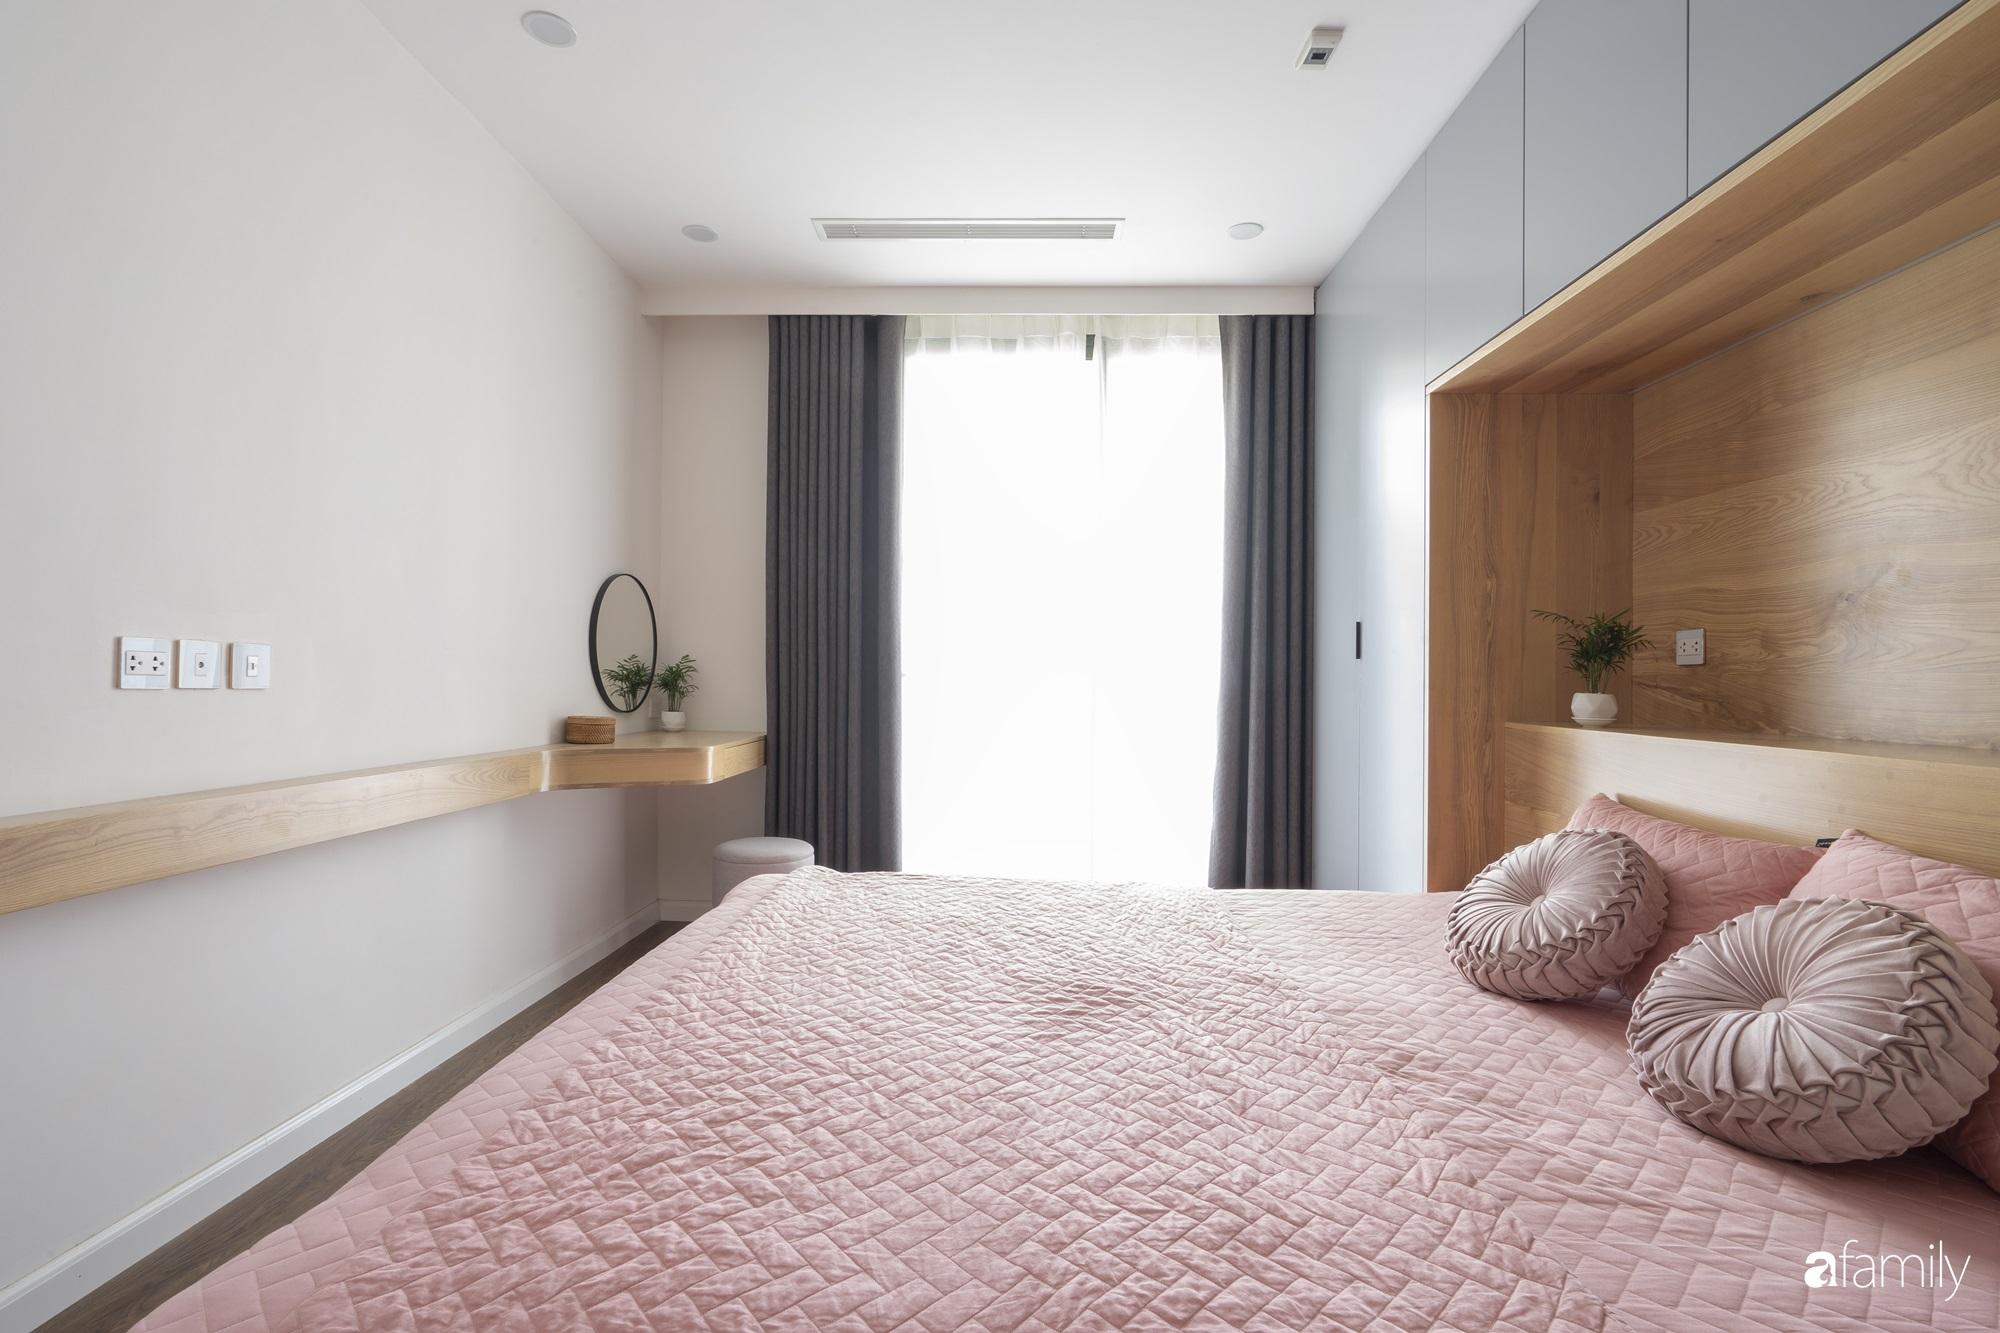 """Căn hộ 96m² tối ưu hóa công năng dành cho vợ chồng trẻ """"lười"""" dọn nhà có chi phí hoàn thiện 400 triệu đồng ở Hà Nội - Ảnh 13."""